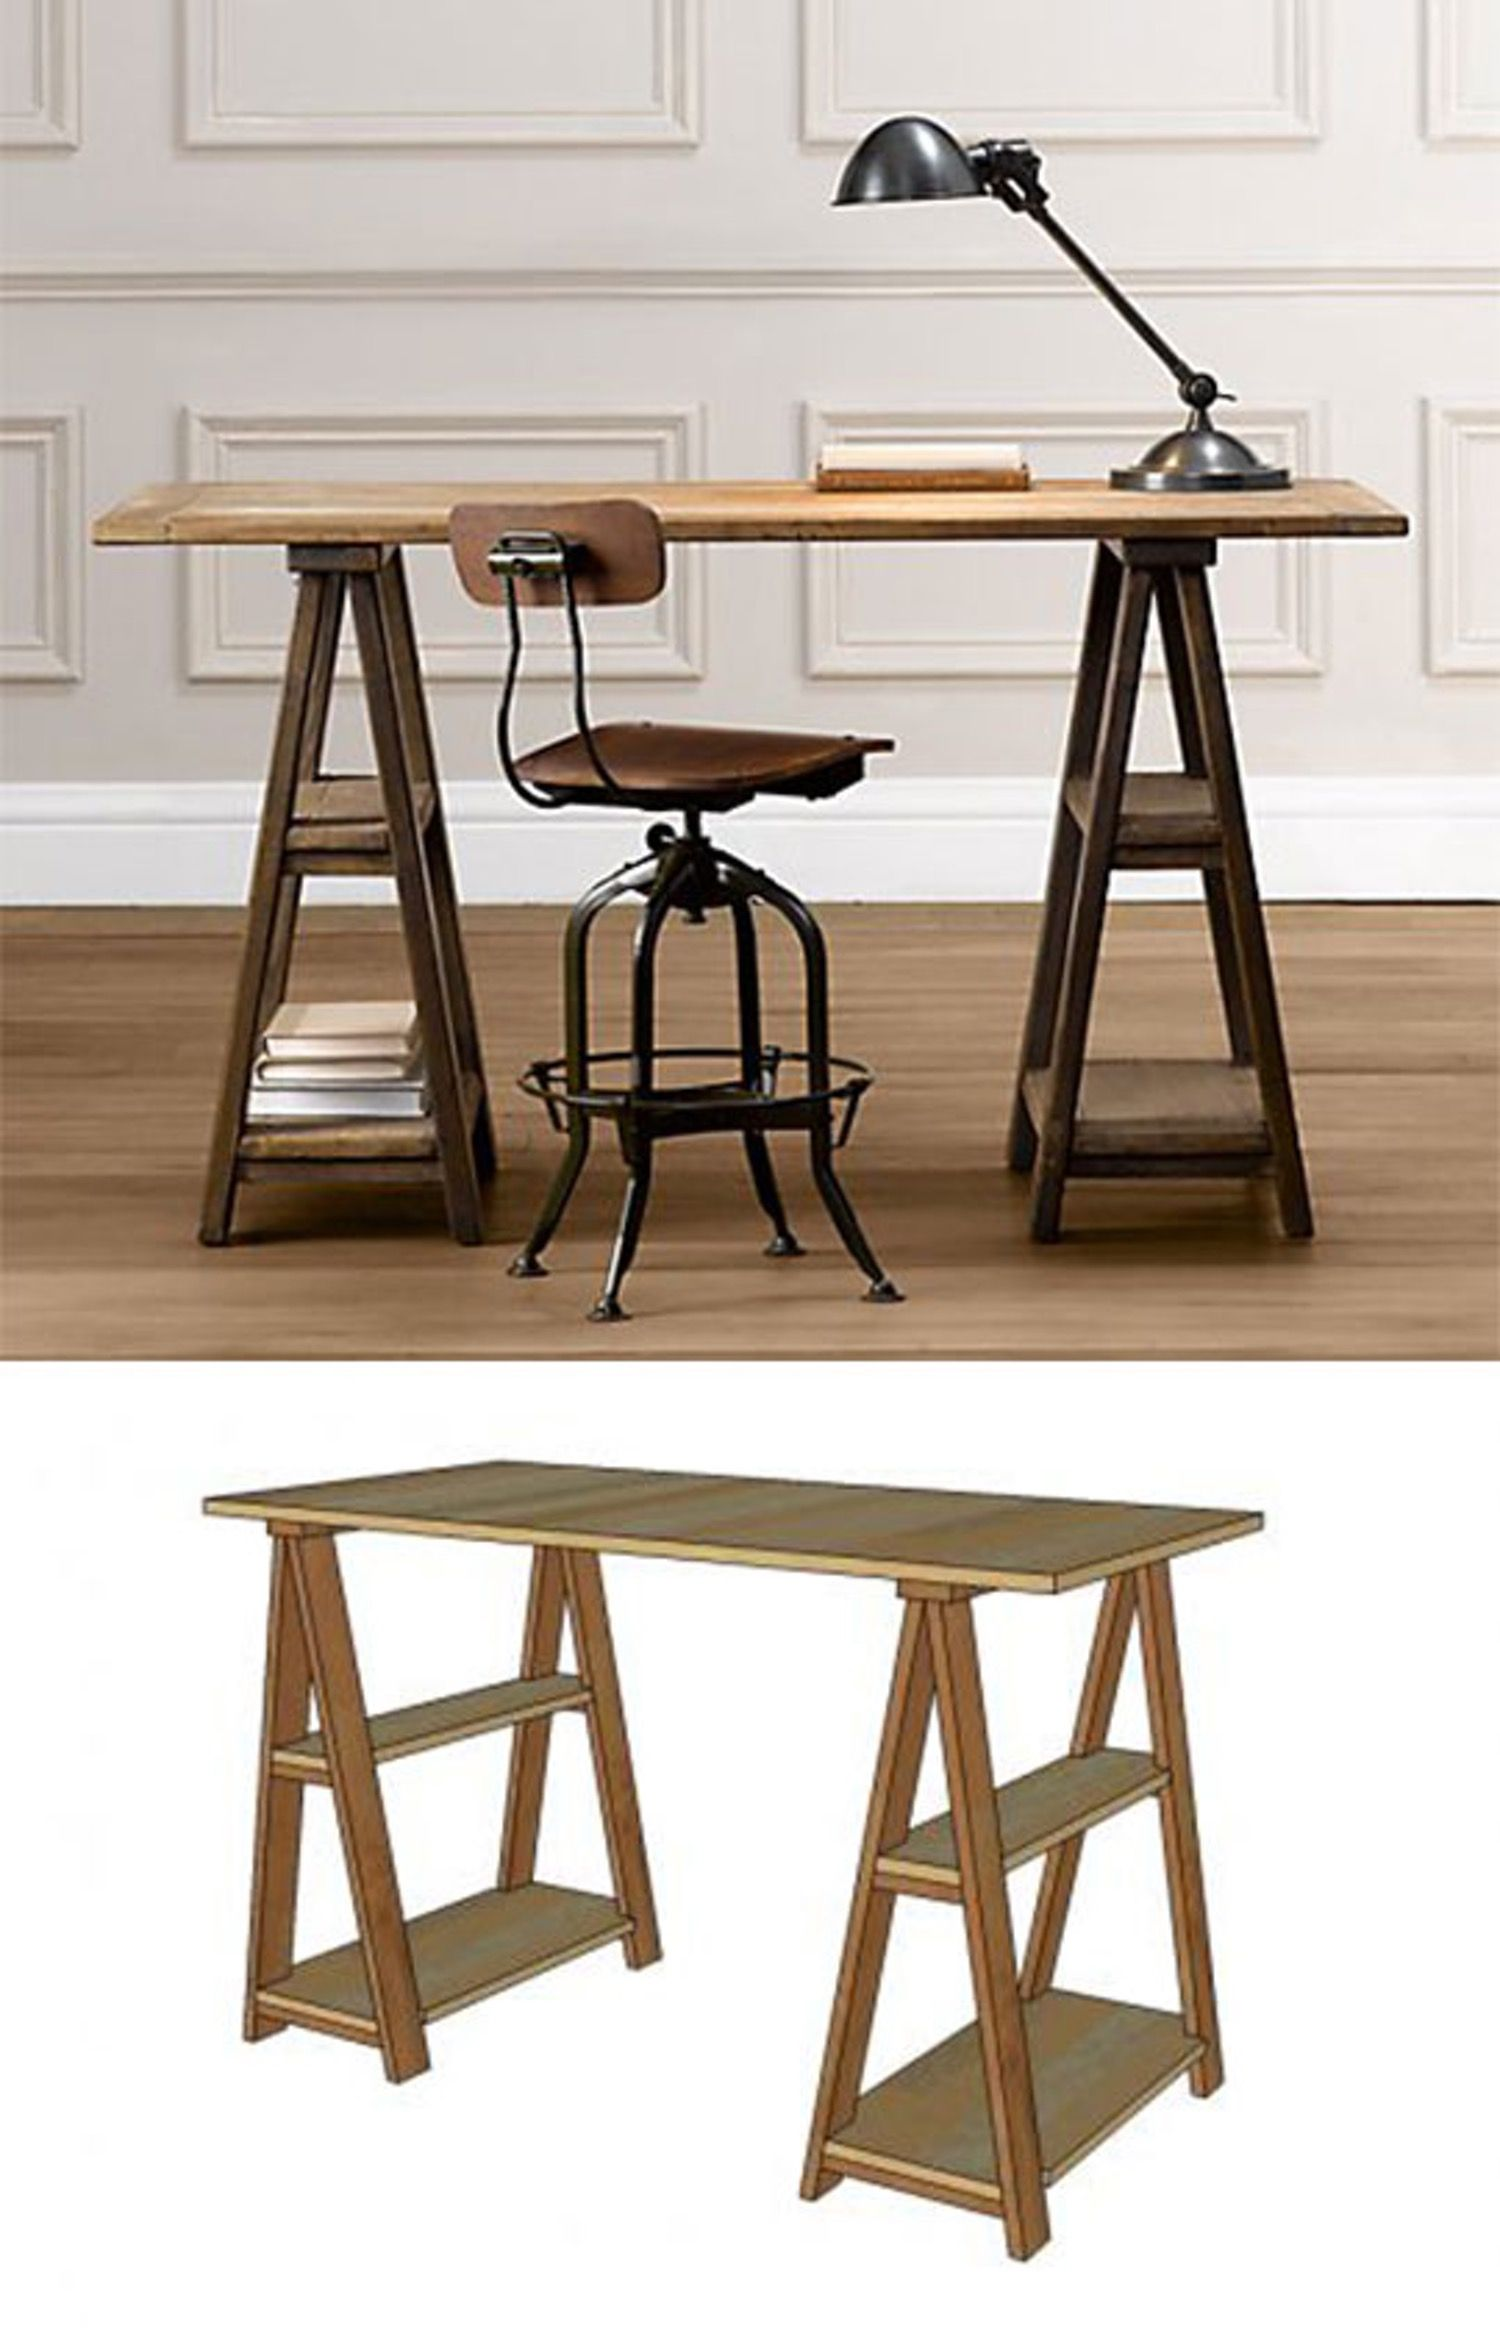 Diy Sawhorse Desks Inspired By Restoration Hardware Diy Standing Desk Sawhorse Desk Simple Desk